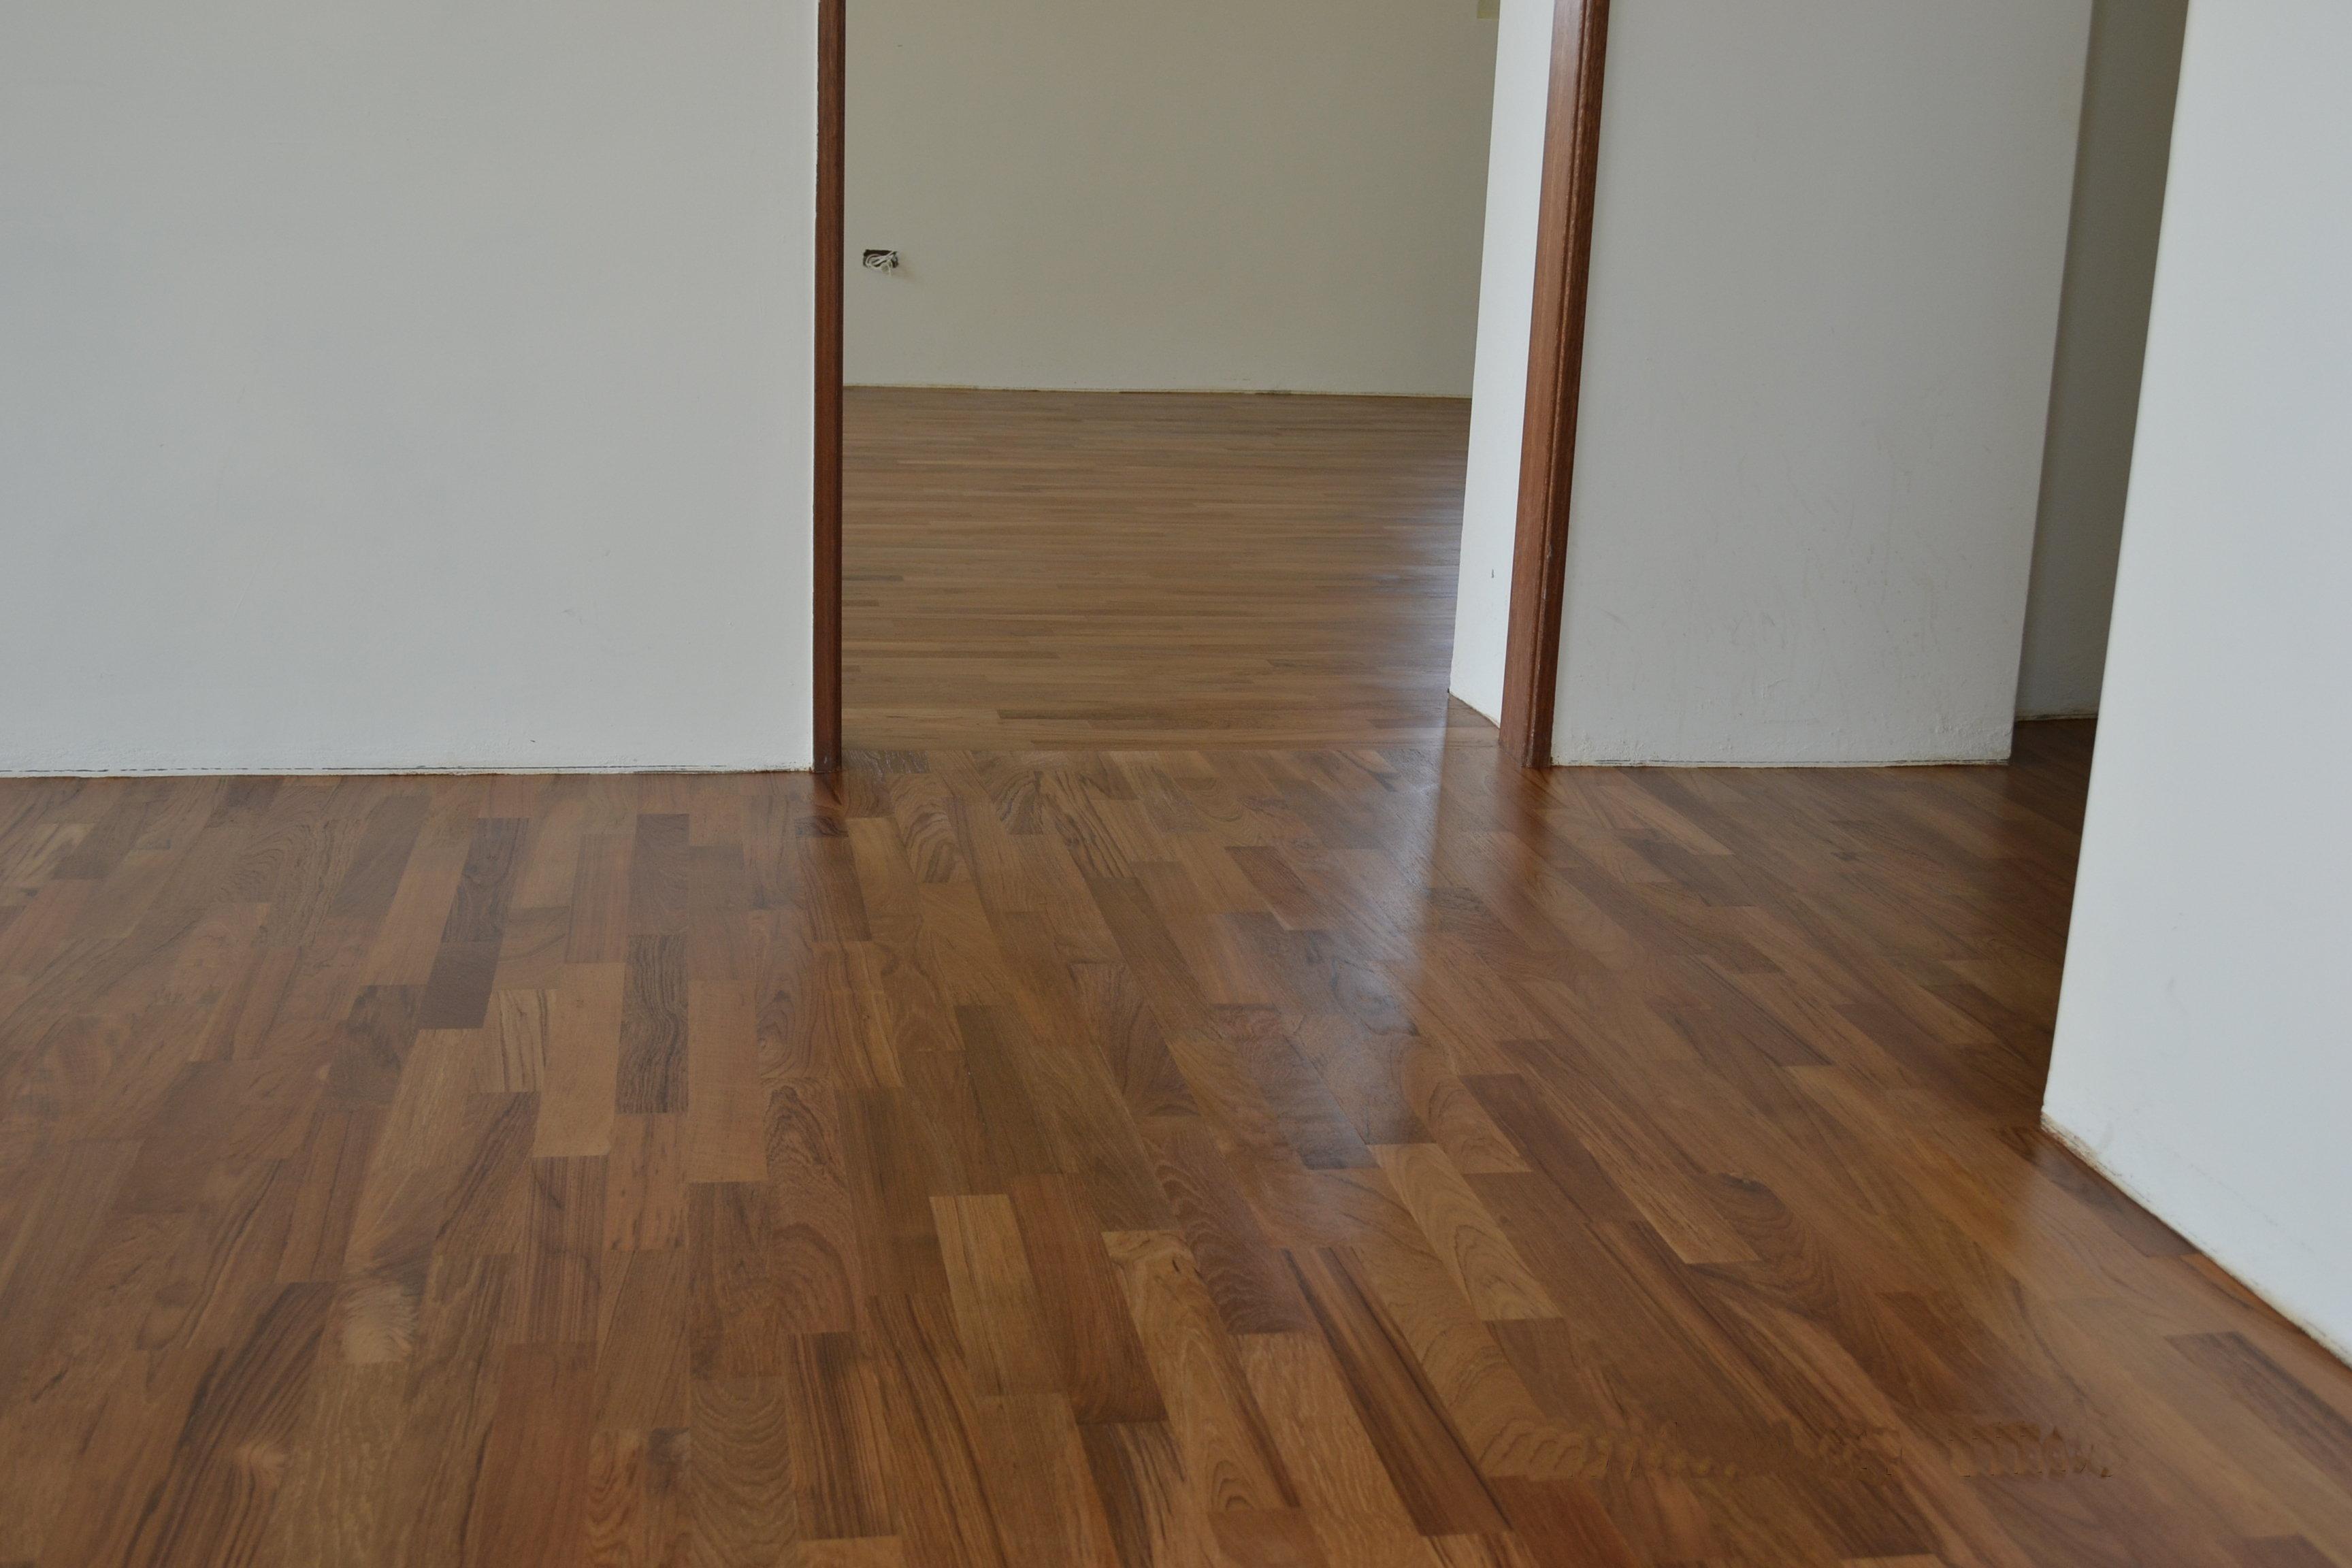 新原古-緬甸柚木平口無縫地板